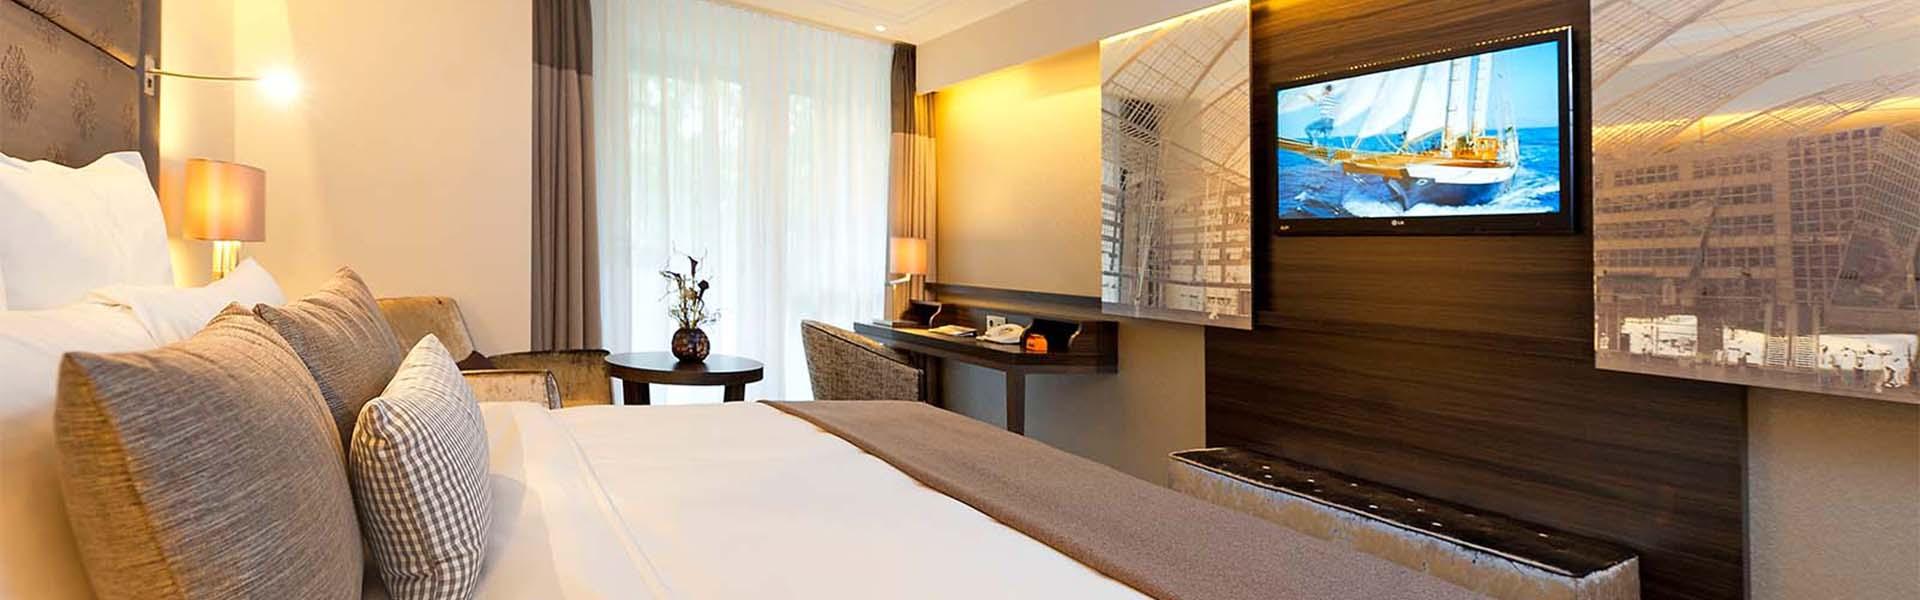 televisiones para hotel